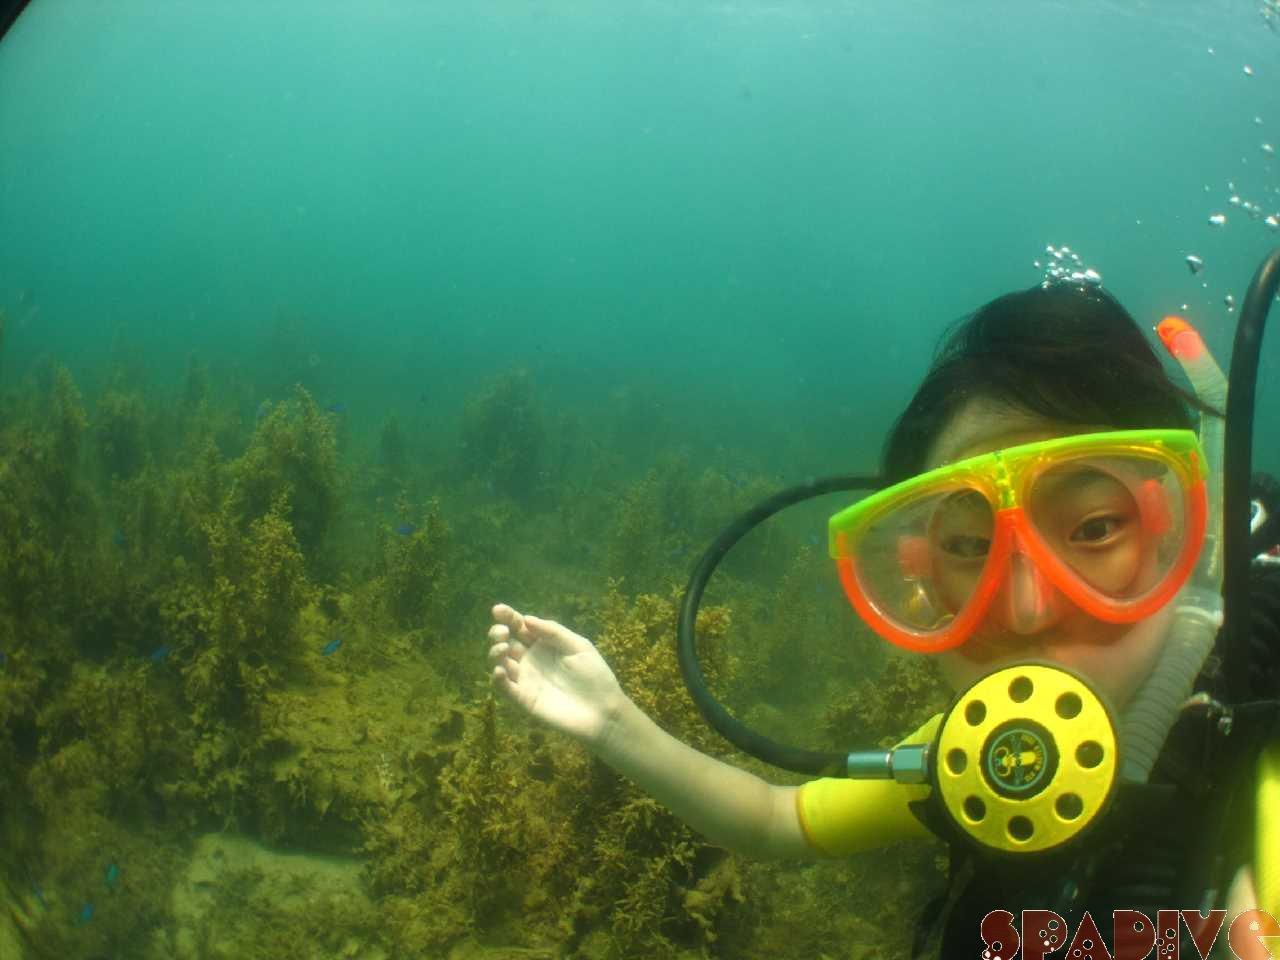 体験ダイビング|ひっくり返らないための足ひれ(フィン)の使い方